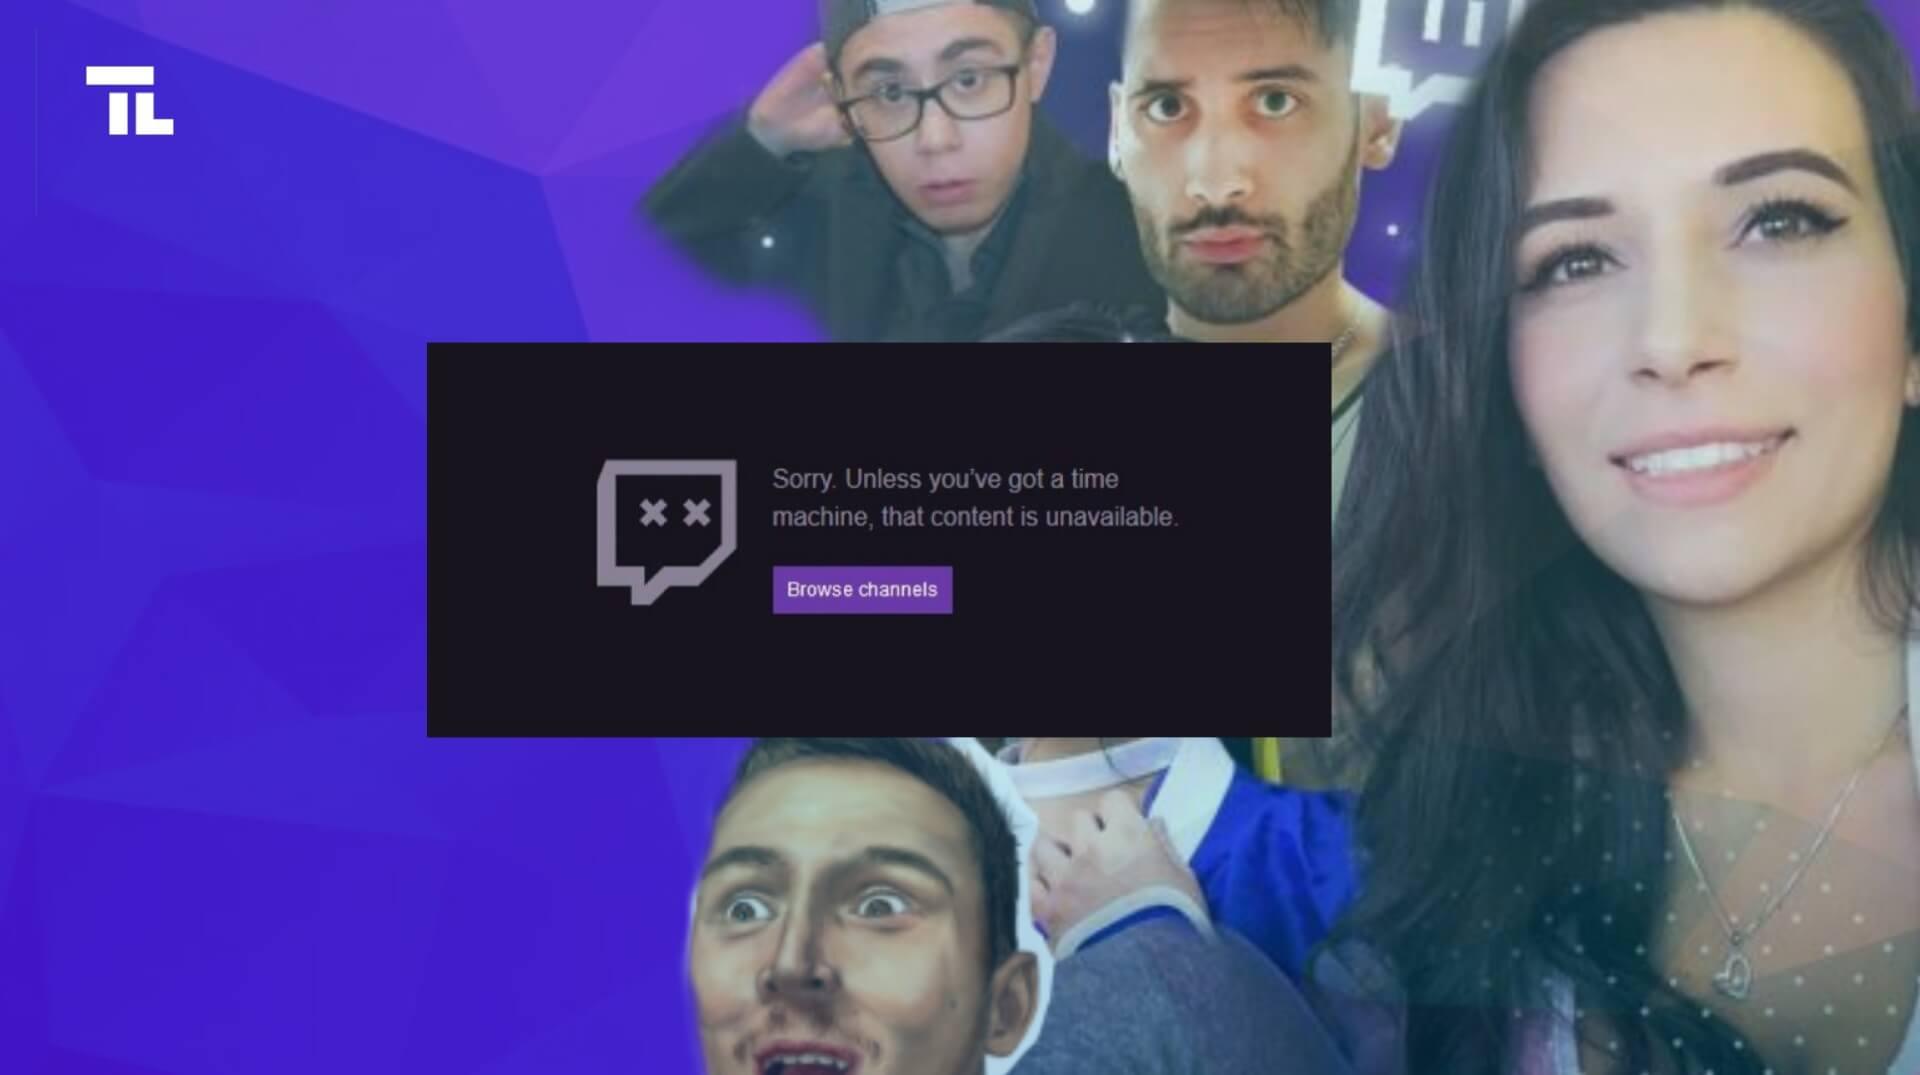 Twitch Live Stream Nip Slip